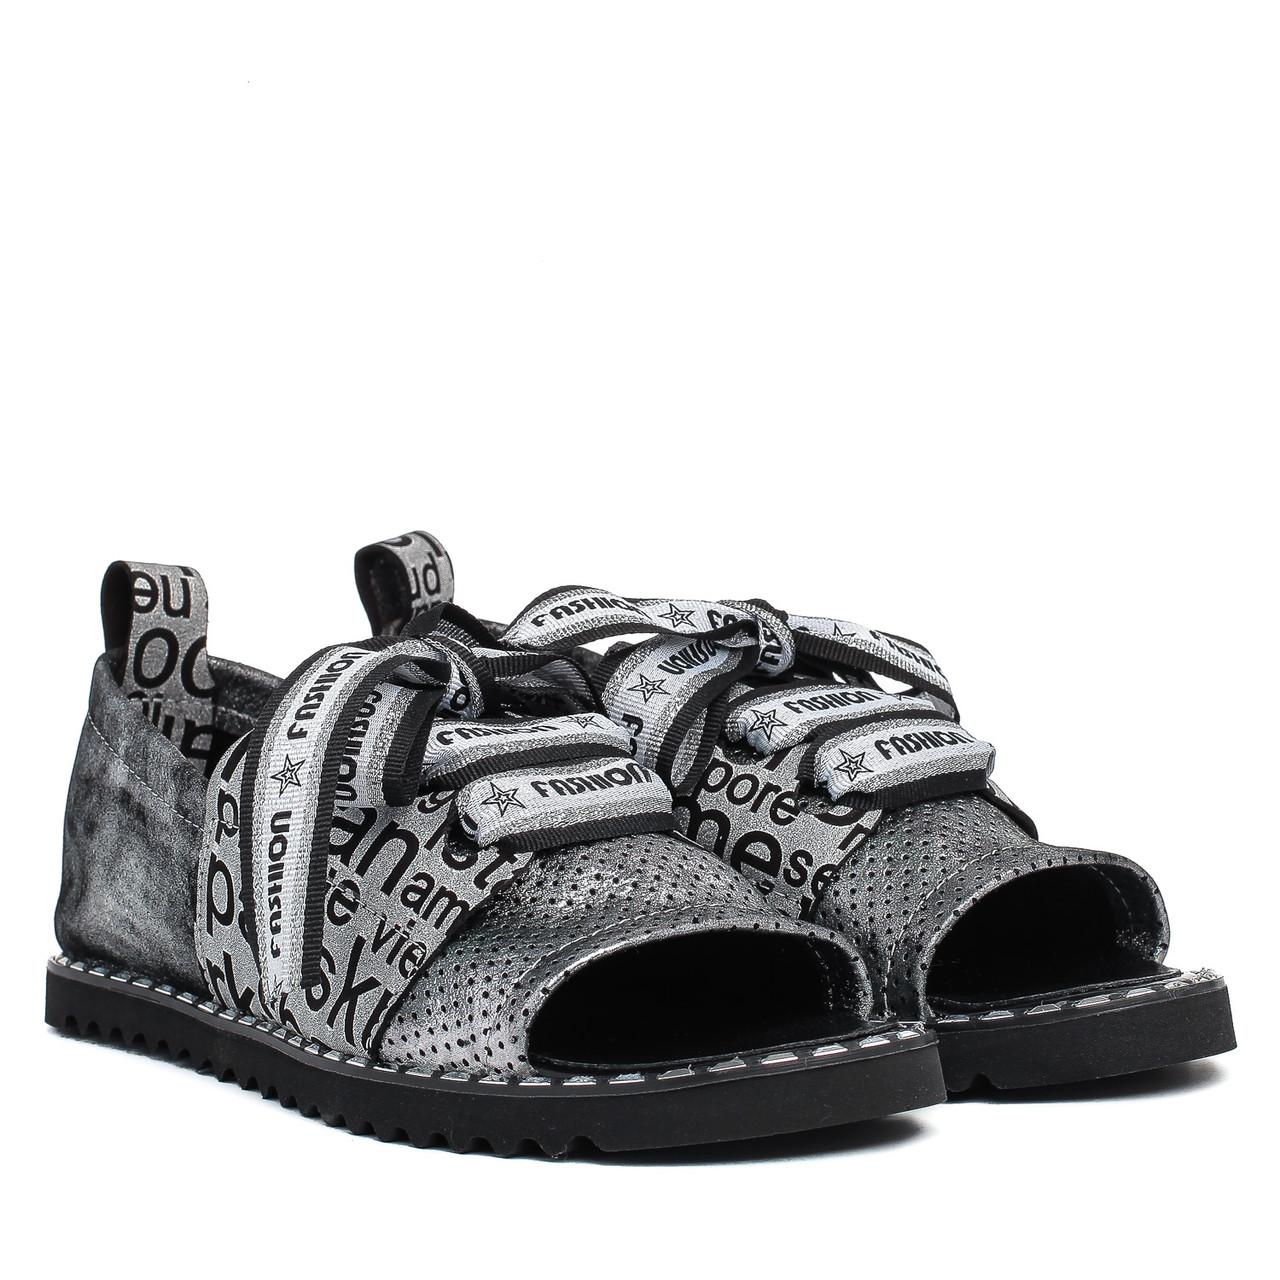 Туфли женские EVROMODA (оригинальные, кожаные, удобные, легкие)